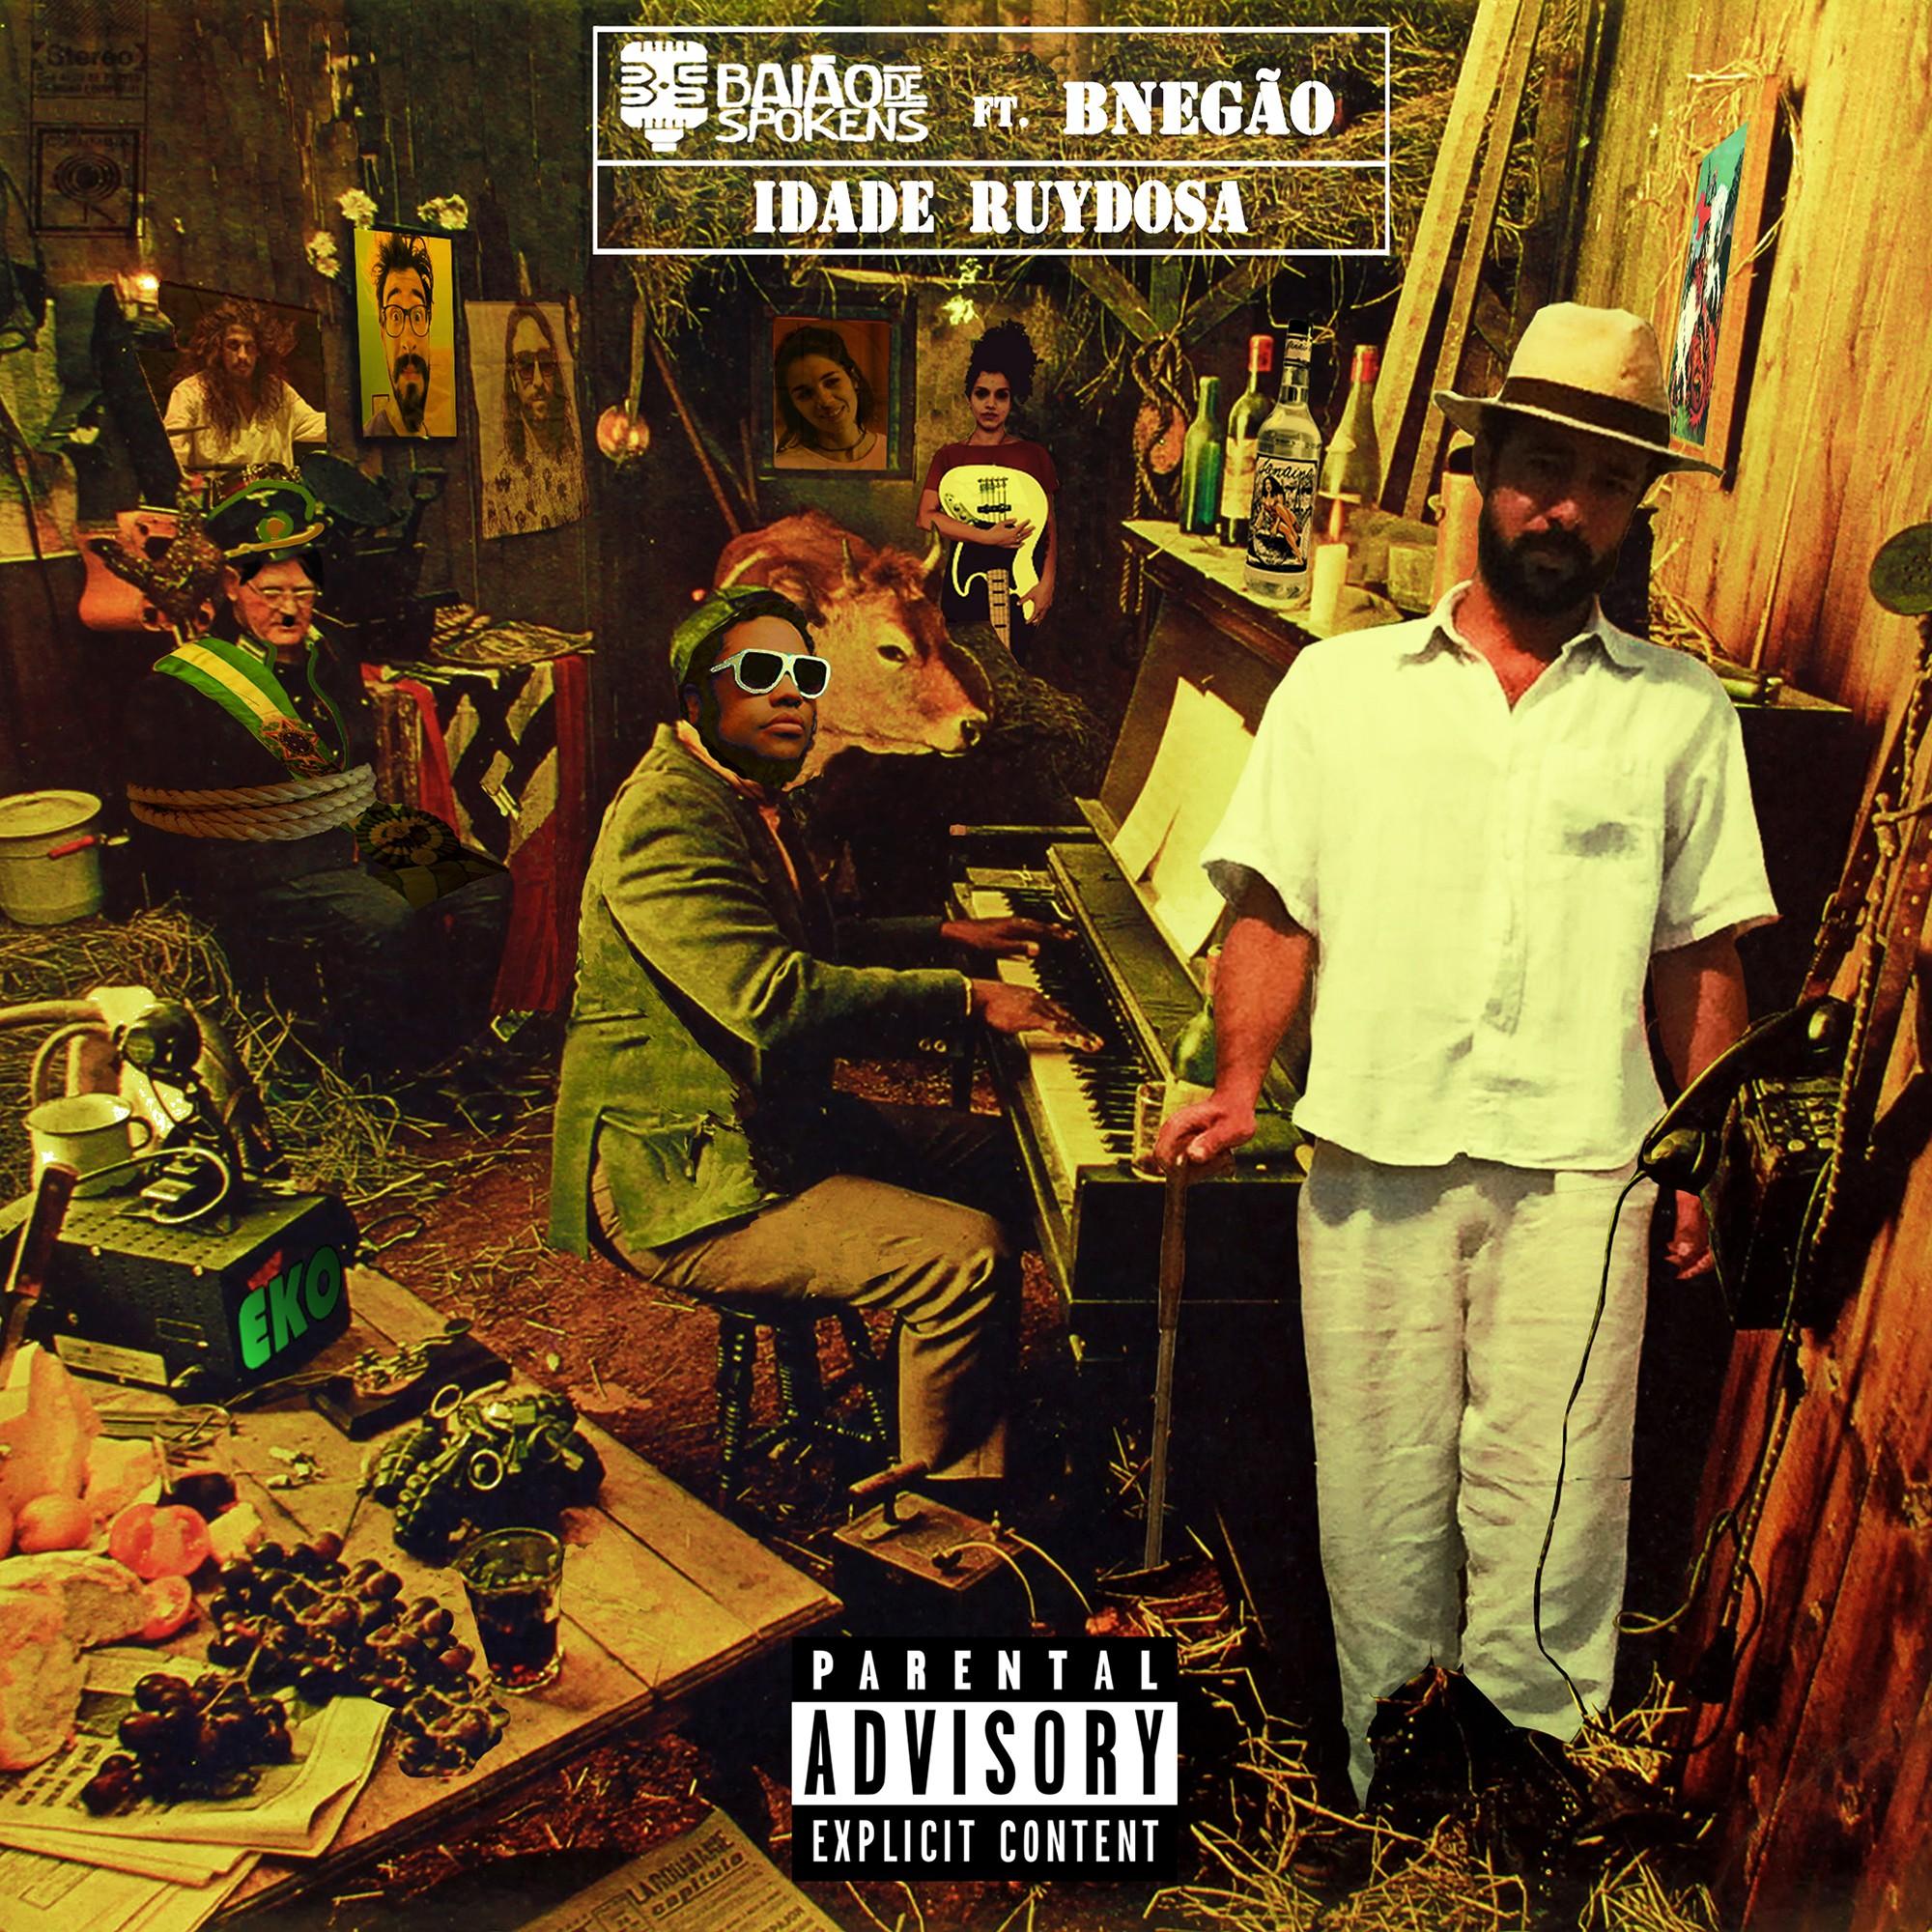 Grupo Baião de Spokens se junta com BNegão em single com capa inspirada na arte de álbum do pianista de jazz Thelonious Monk